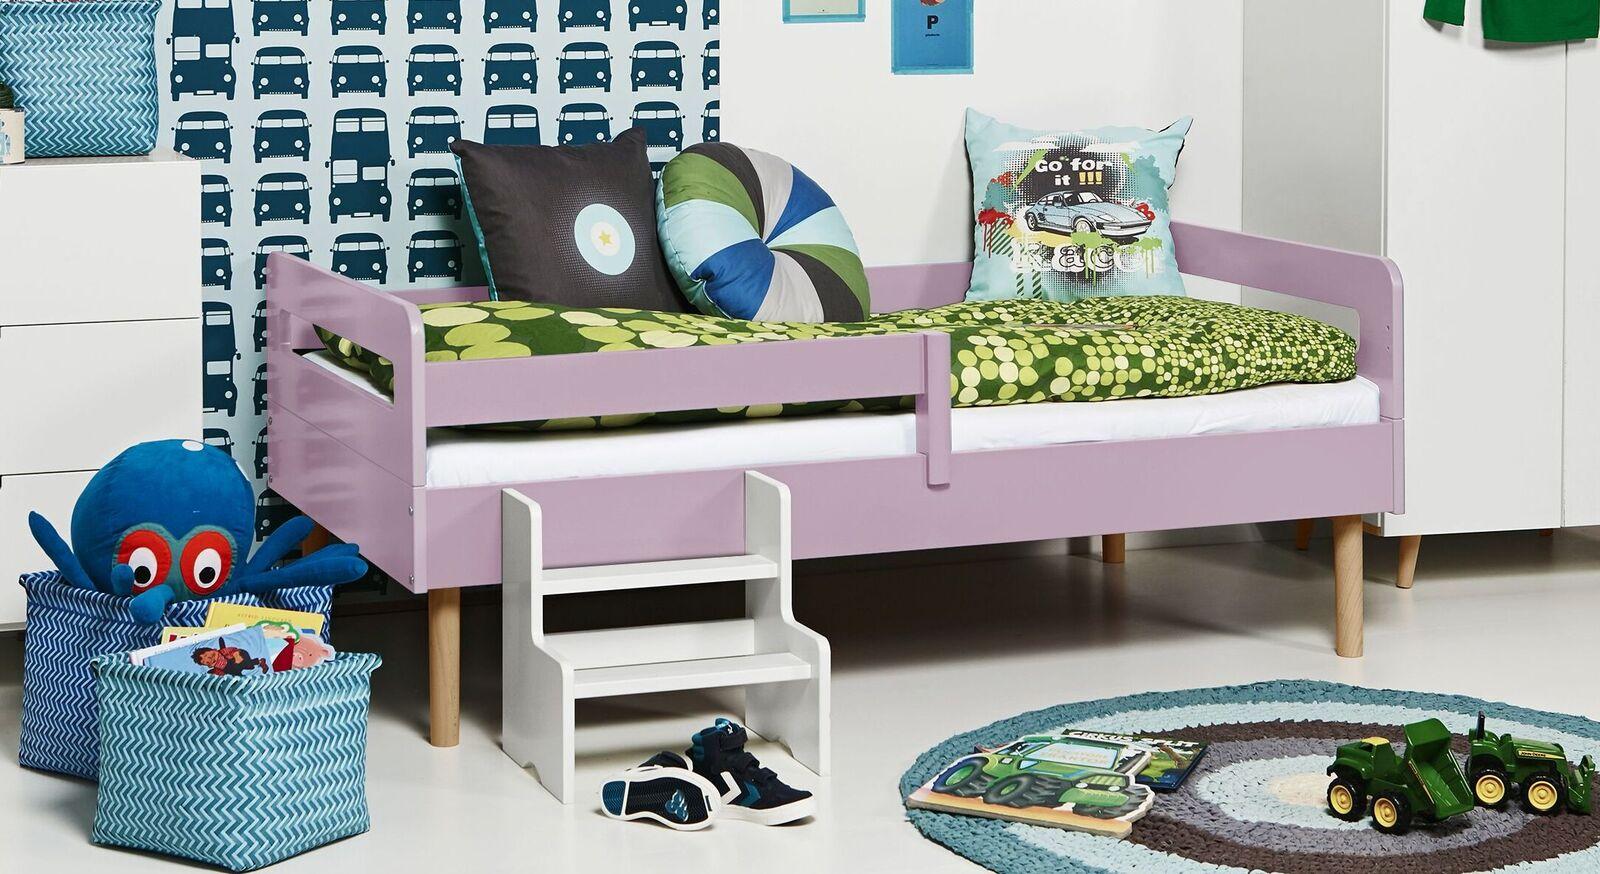 Modernes Kinderbett Kids Town Retro aus fliederfarbenem MDF